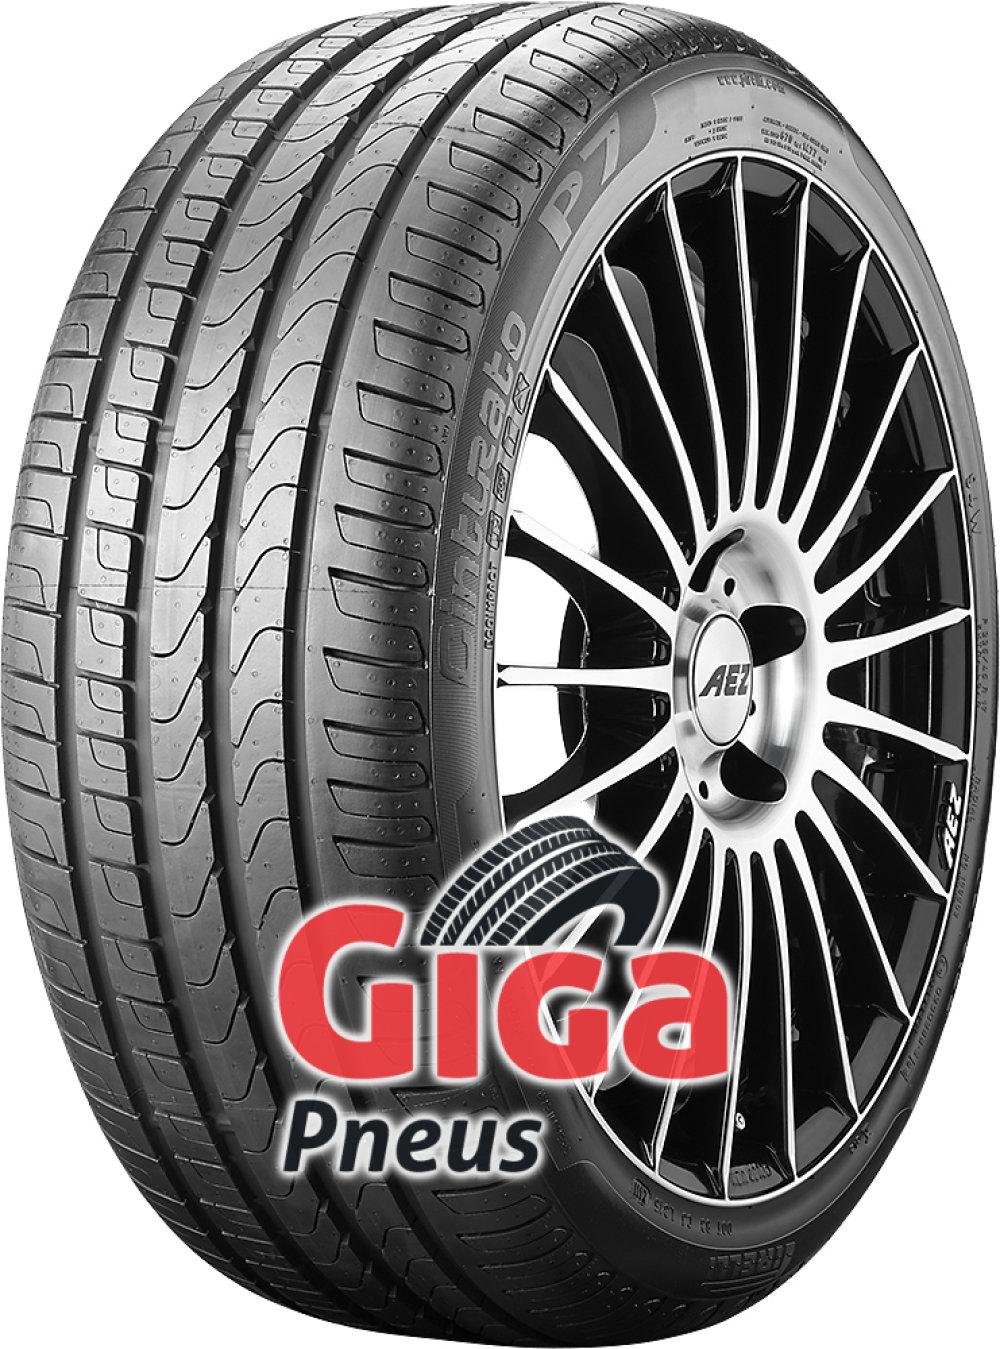 Pirelli Cinturato P7 runflat ( 225/45 R17 91W *, ECOIMPACT, runflat )